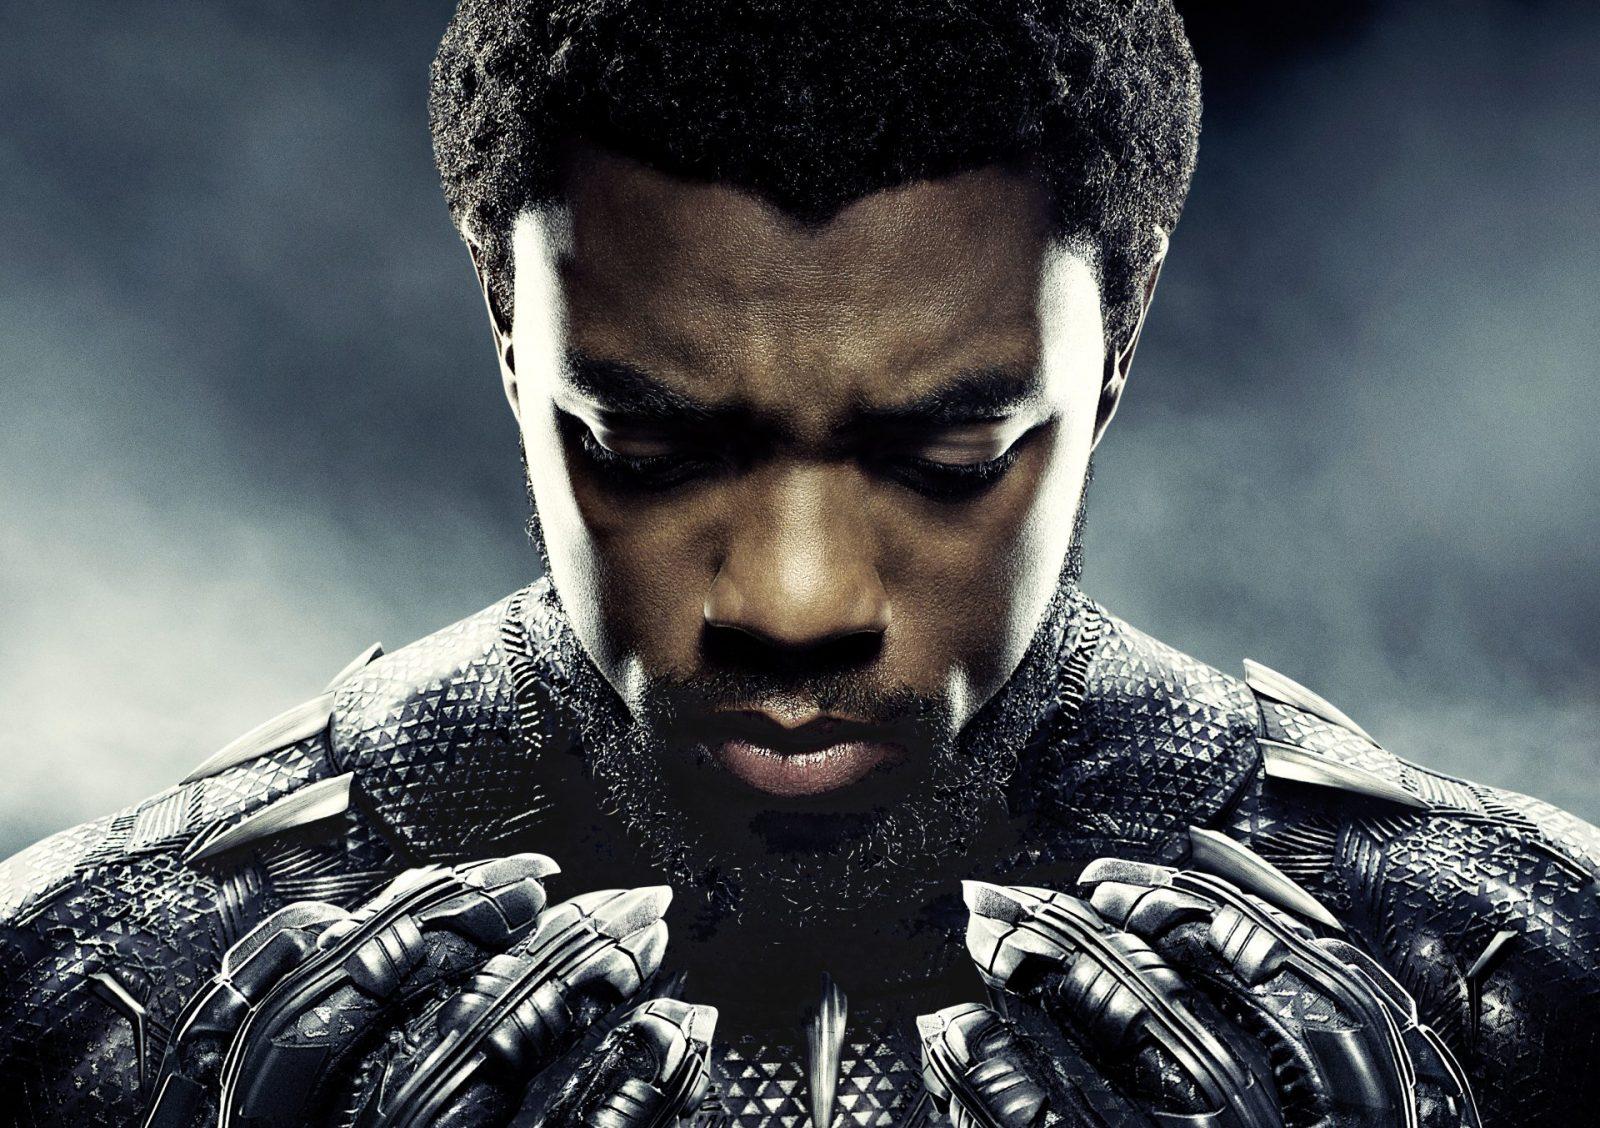 Съёмки «Чёрной Пантеры 2» начнутся в следующем году